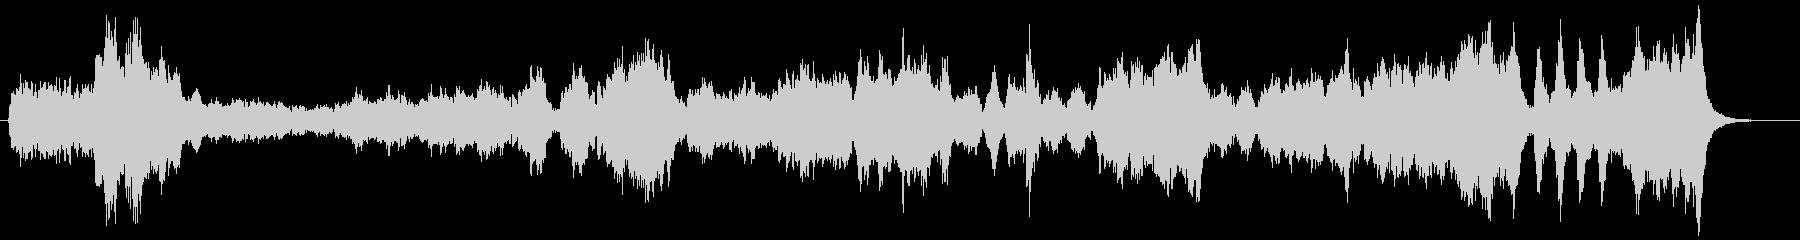 フルオーケストラのバレエ用のワルツの未再生の波形